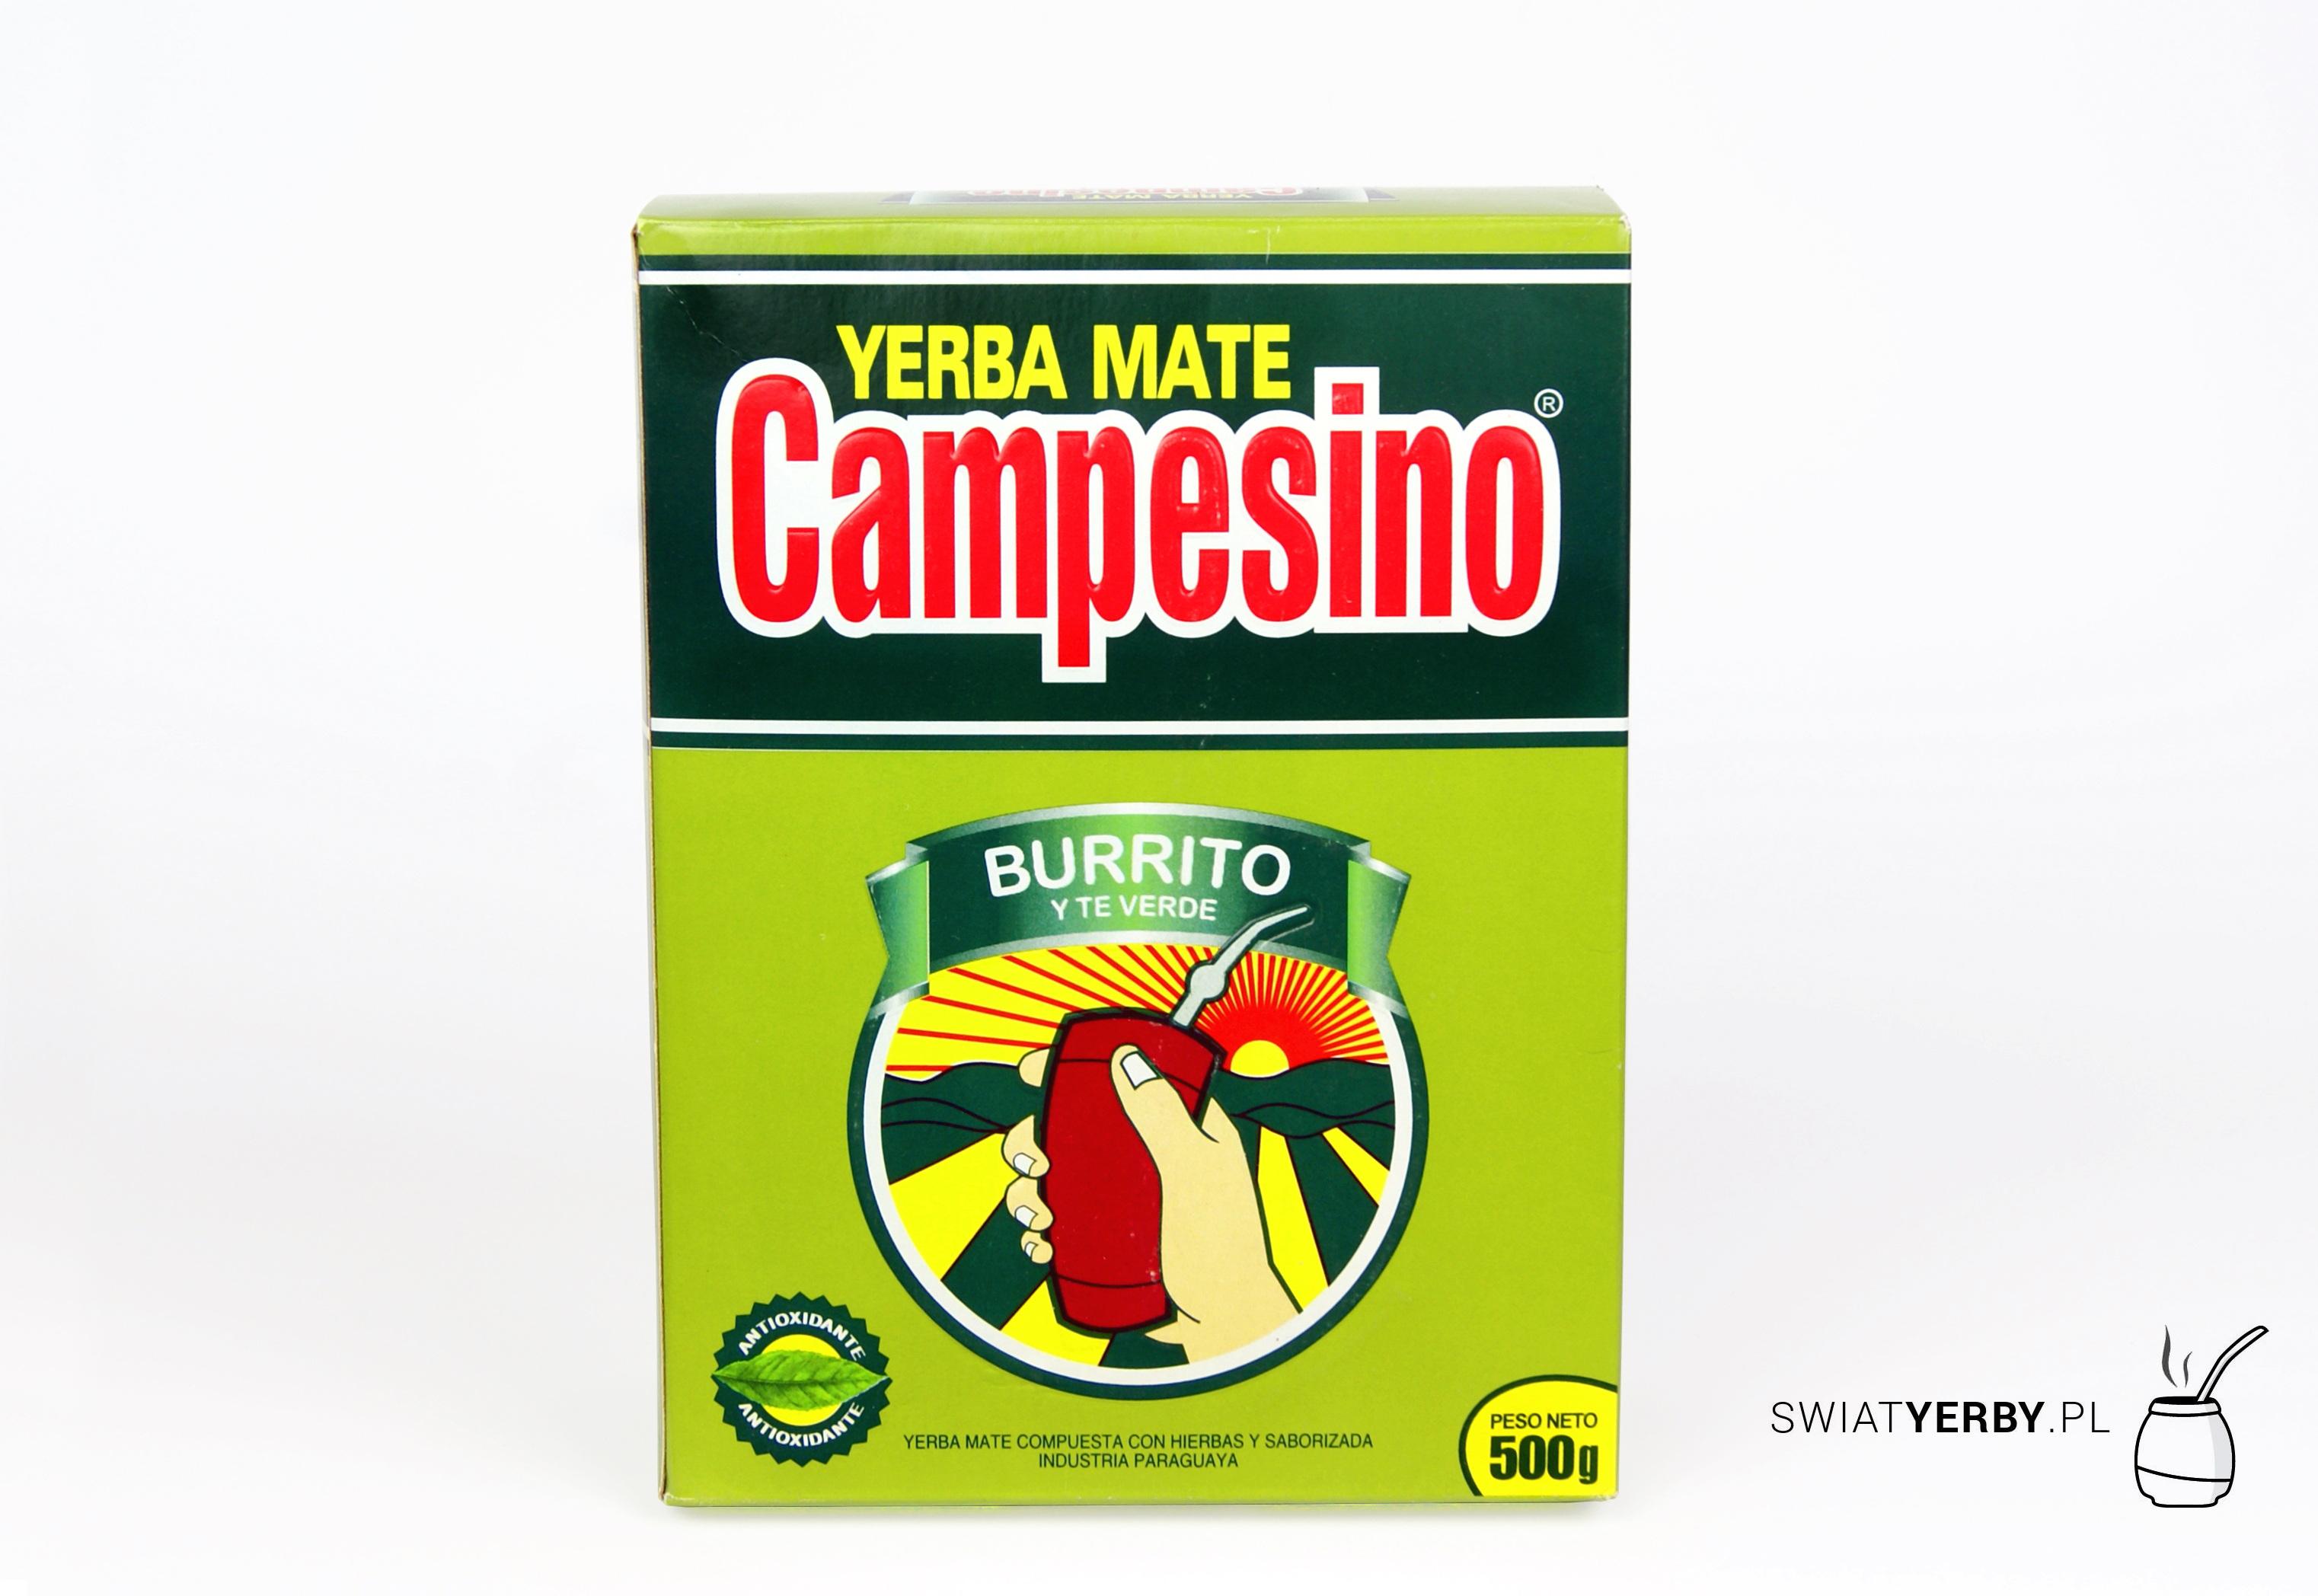 Campesino burrito and green tea (burrito y te verde)